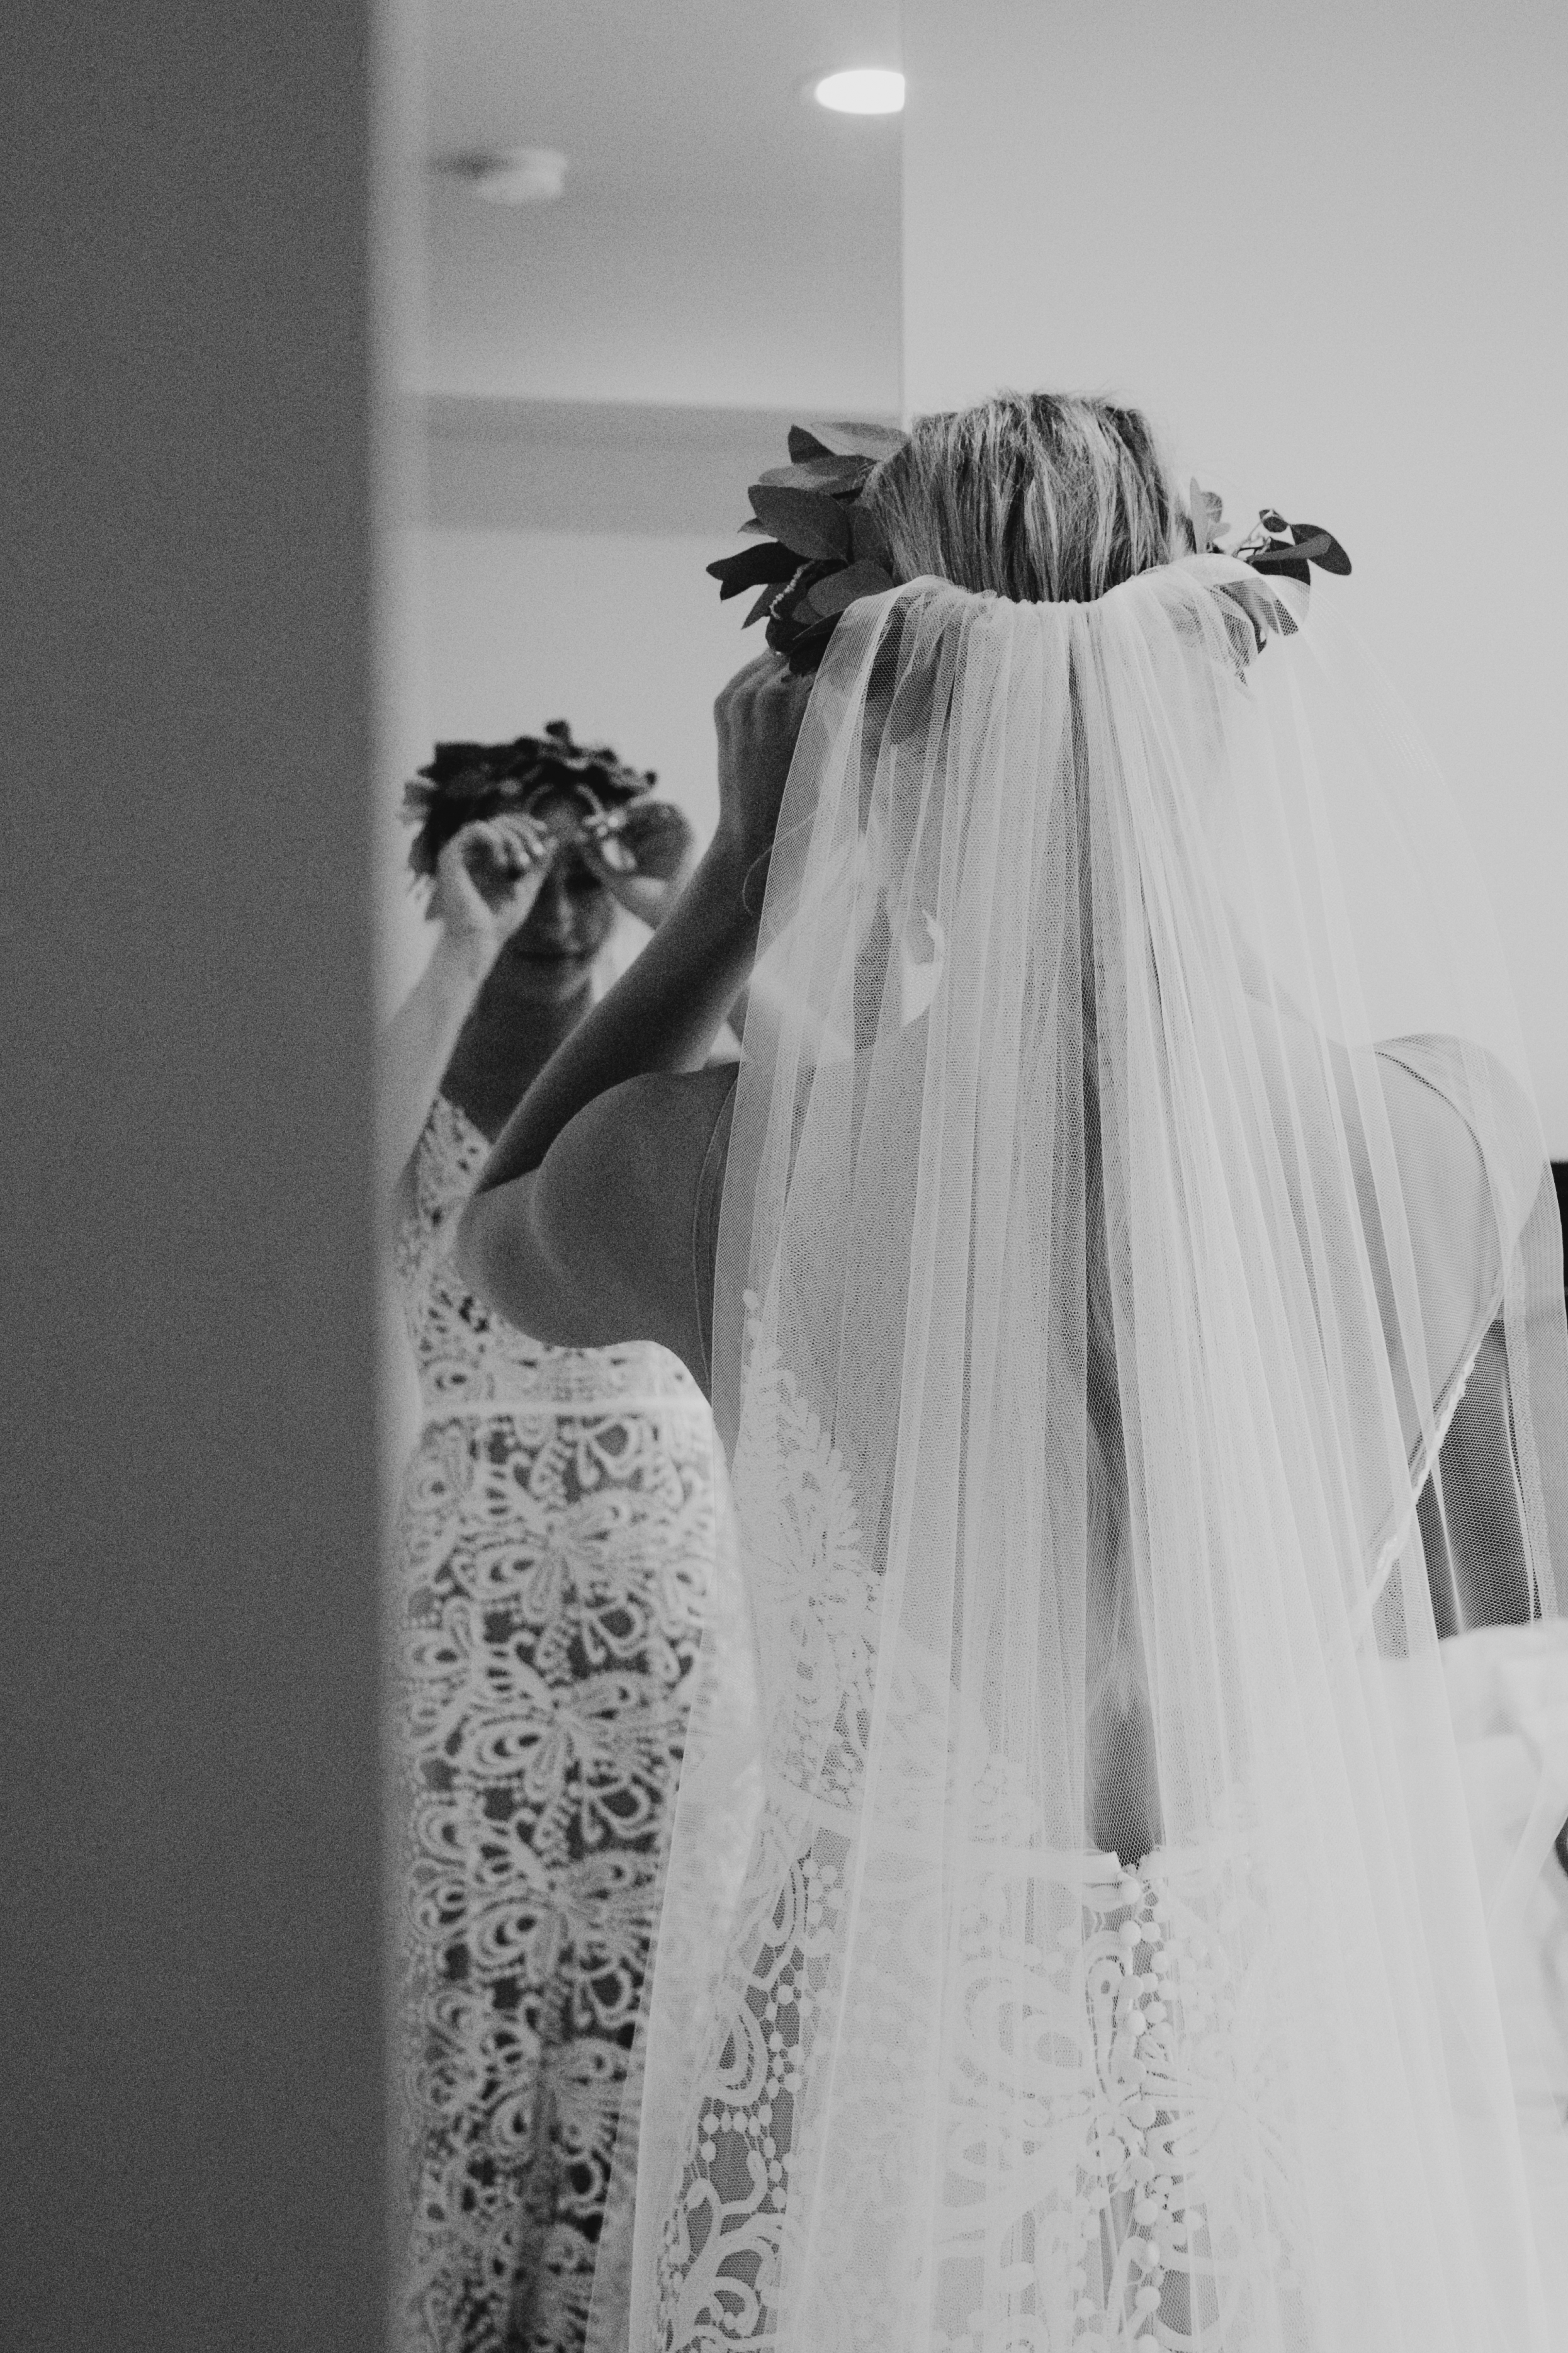 brides+-16 copy.jpg